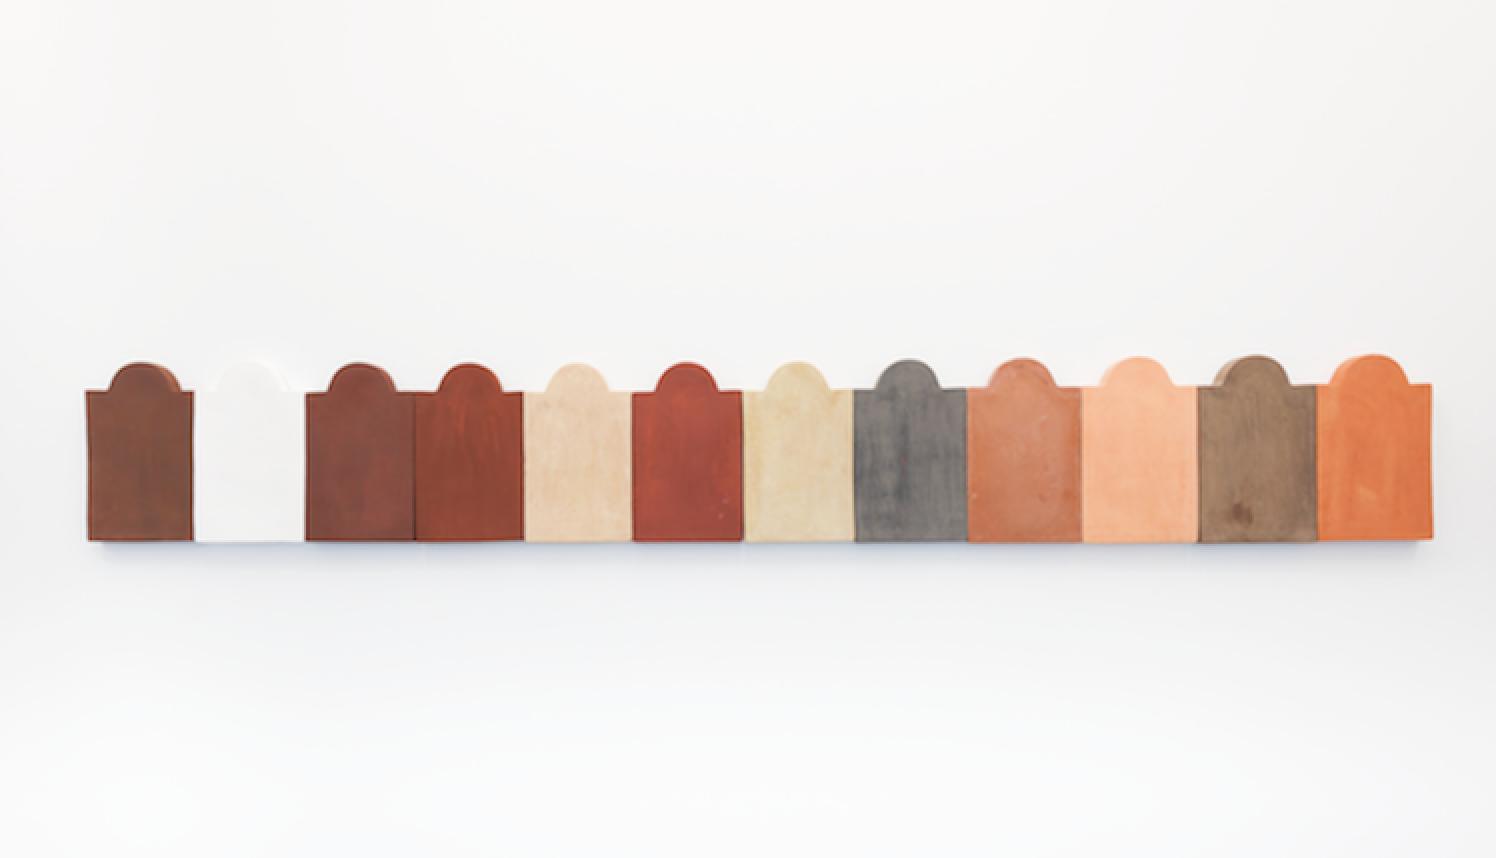 Nous sommes tous fait de terre I, 2019, Terracotta and engobe, 35 x 256 x 3 cm